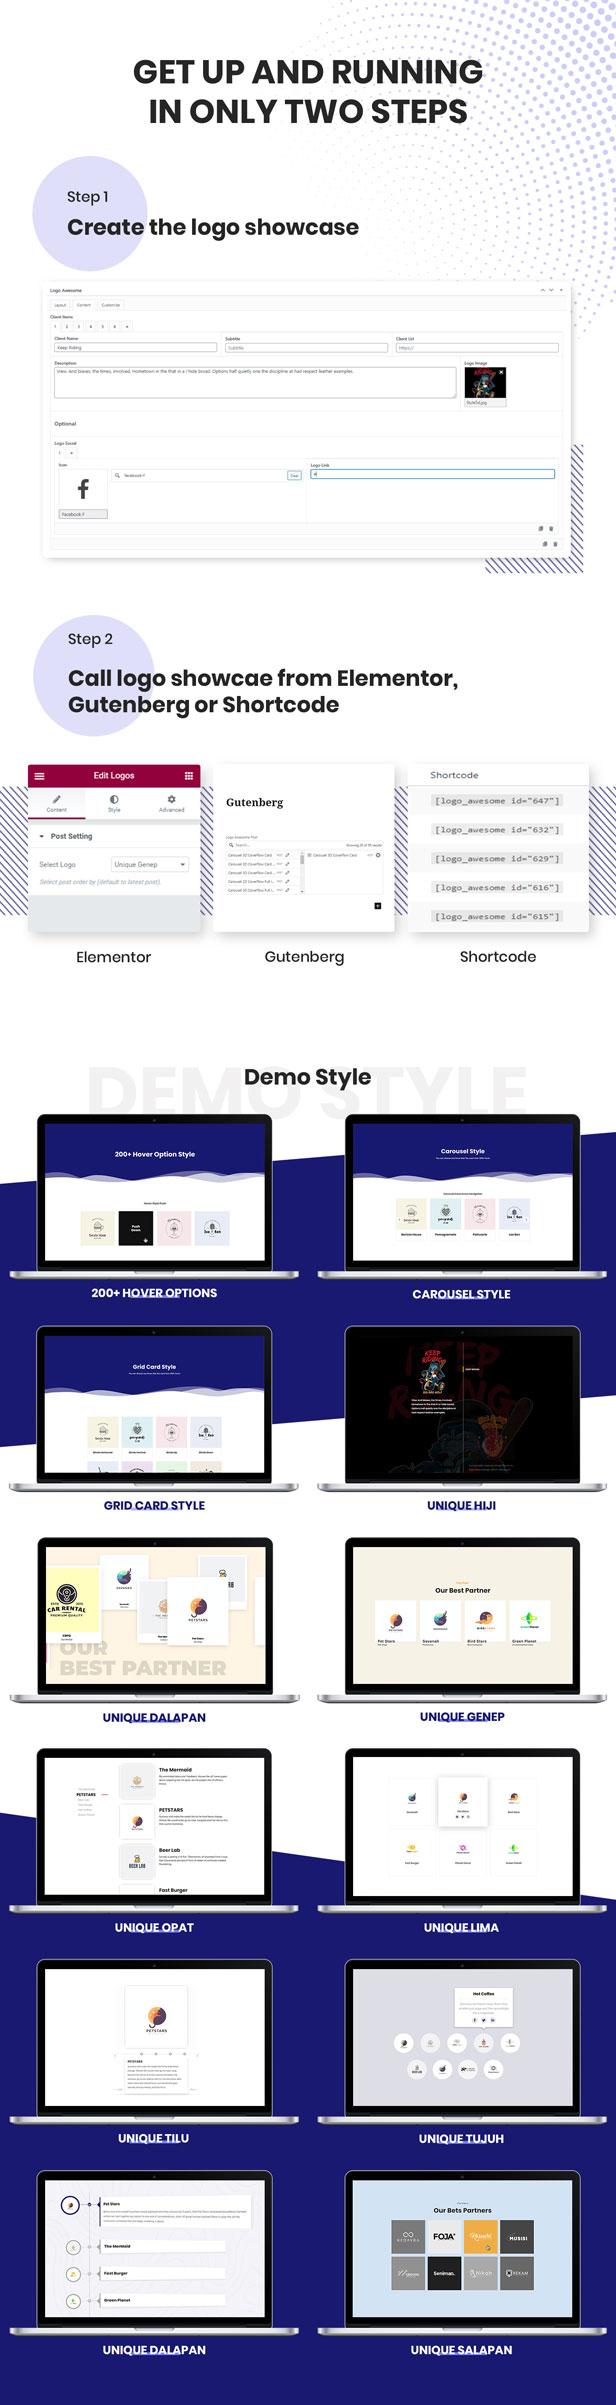 Logo Awesome Pro - Partner & Client Logo Showcase Plugin - 4